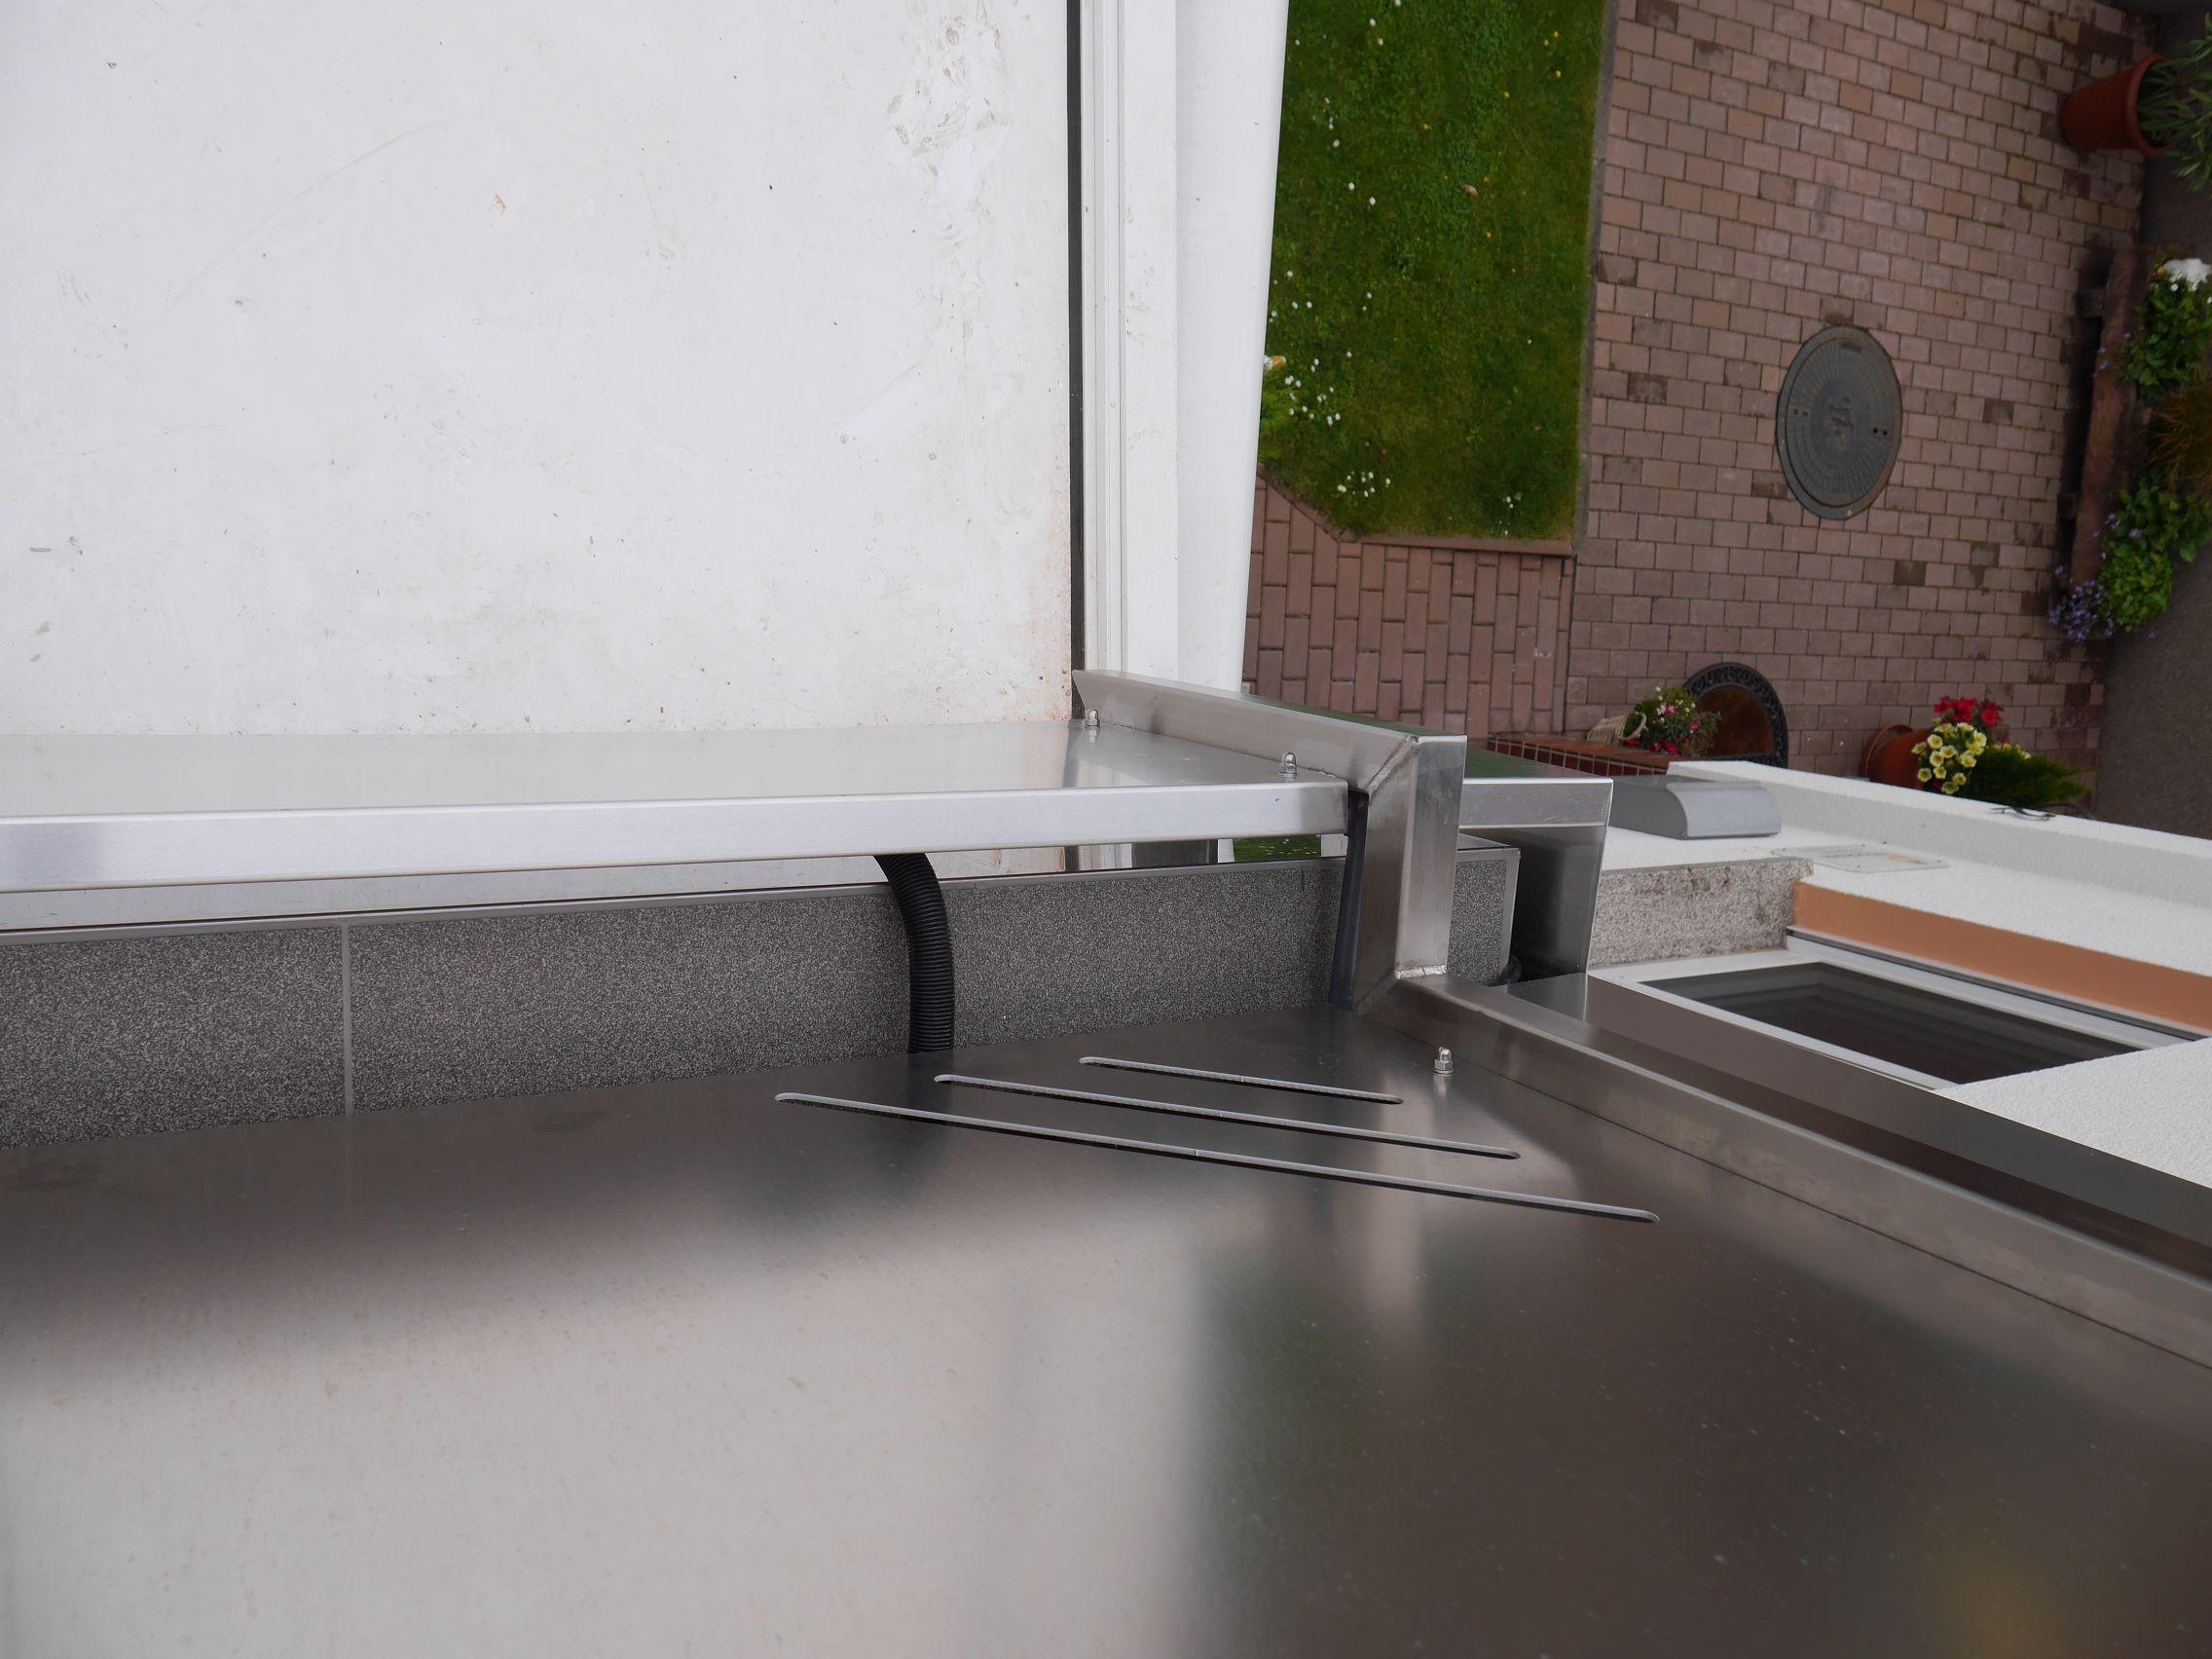 Küchenfliesen Folie fliesen auf folie system ihr neuer balkon